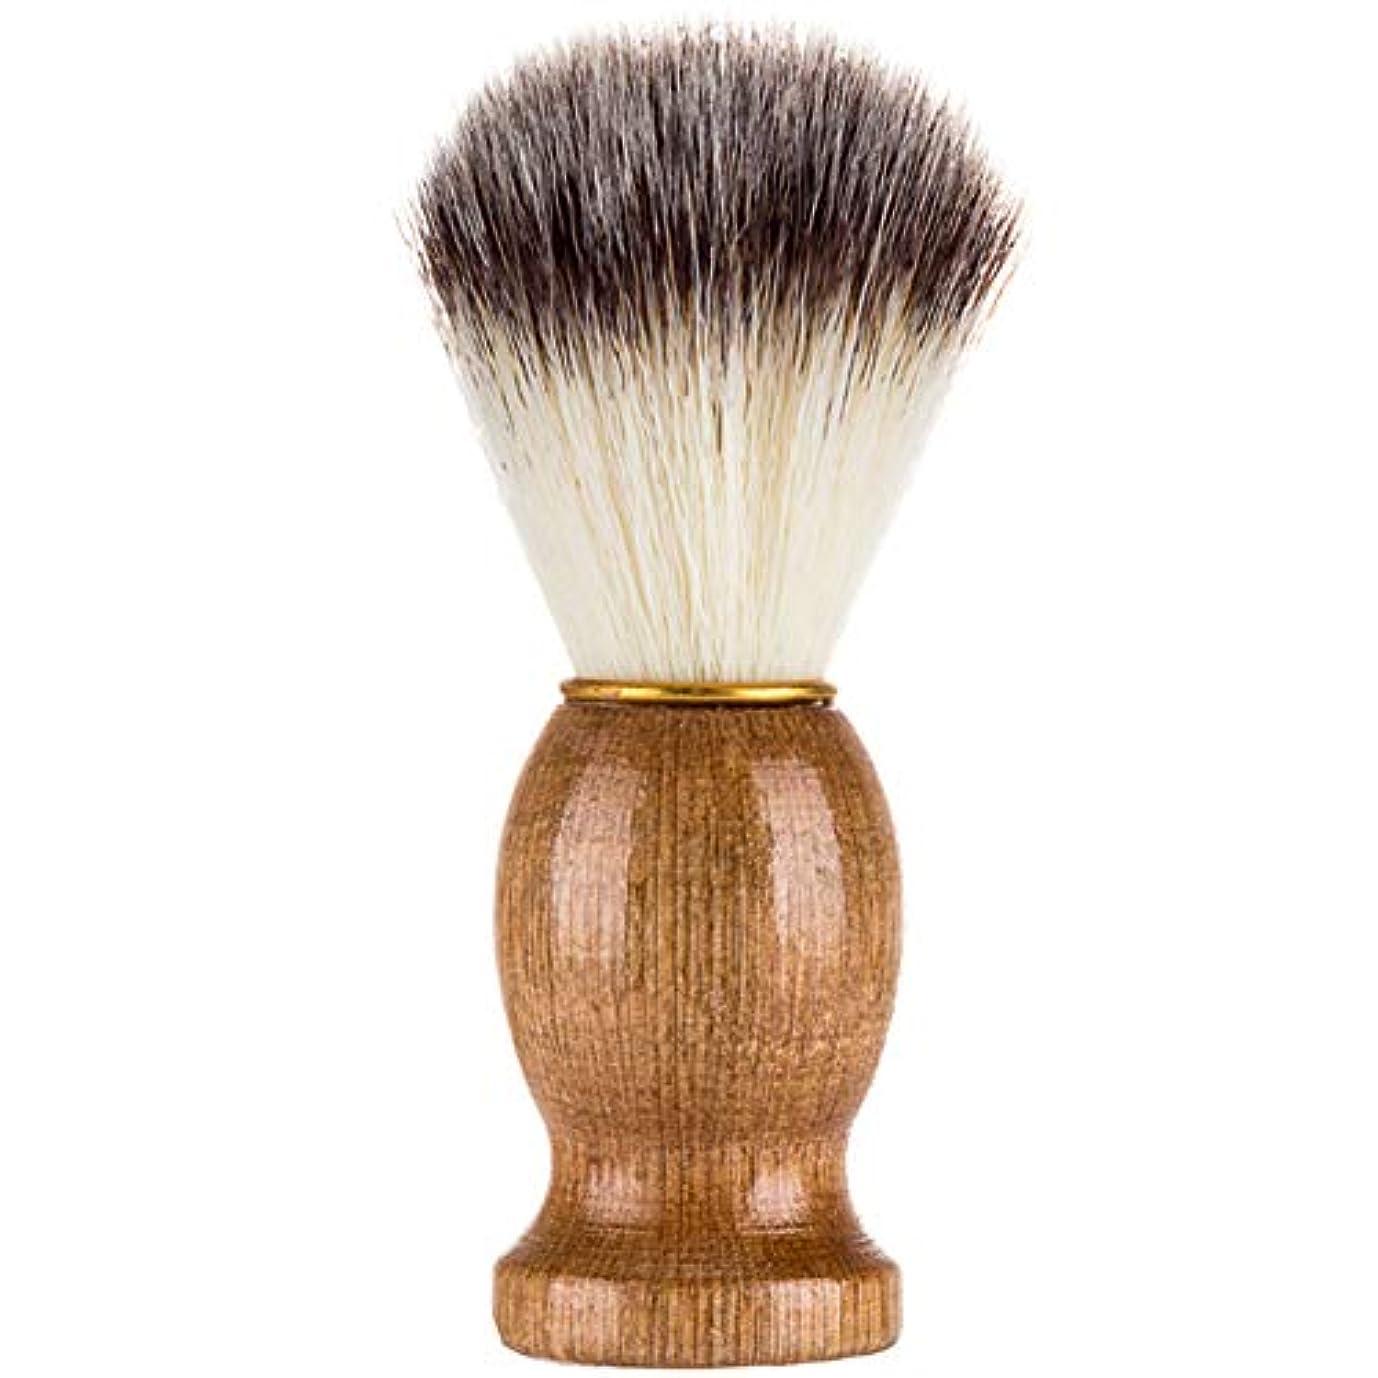 記者因子食欲Profeel シェービングブラシ、シェービングブラシ、男性シェービングブラシシェービングかみそりブラシサロン理髪店用ツールひげ剃り用品